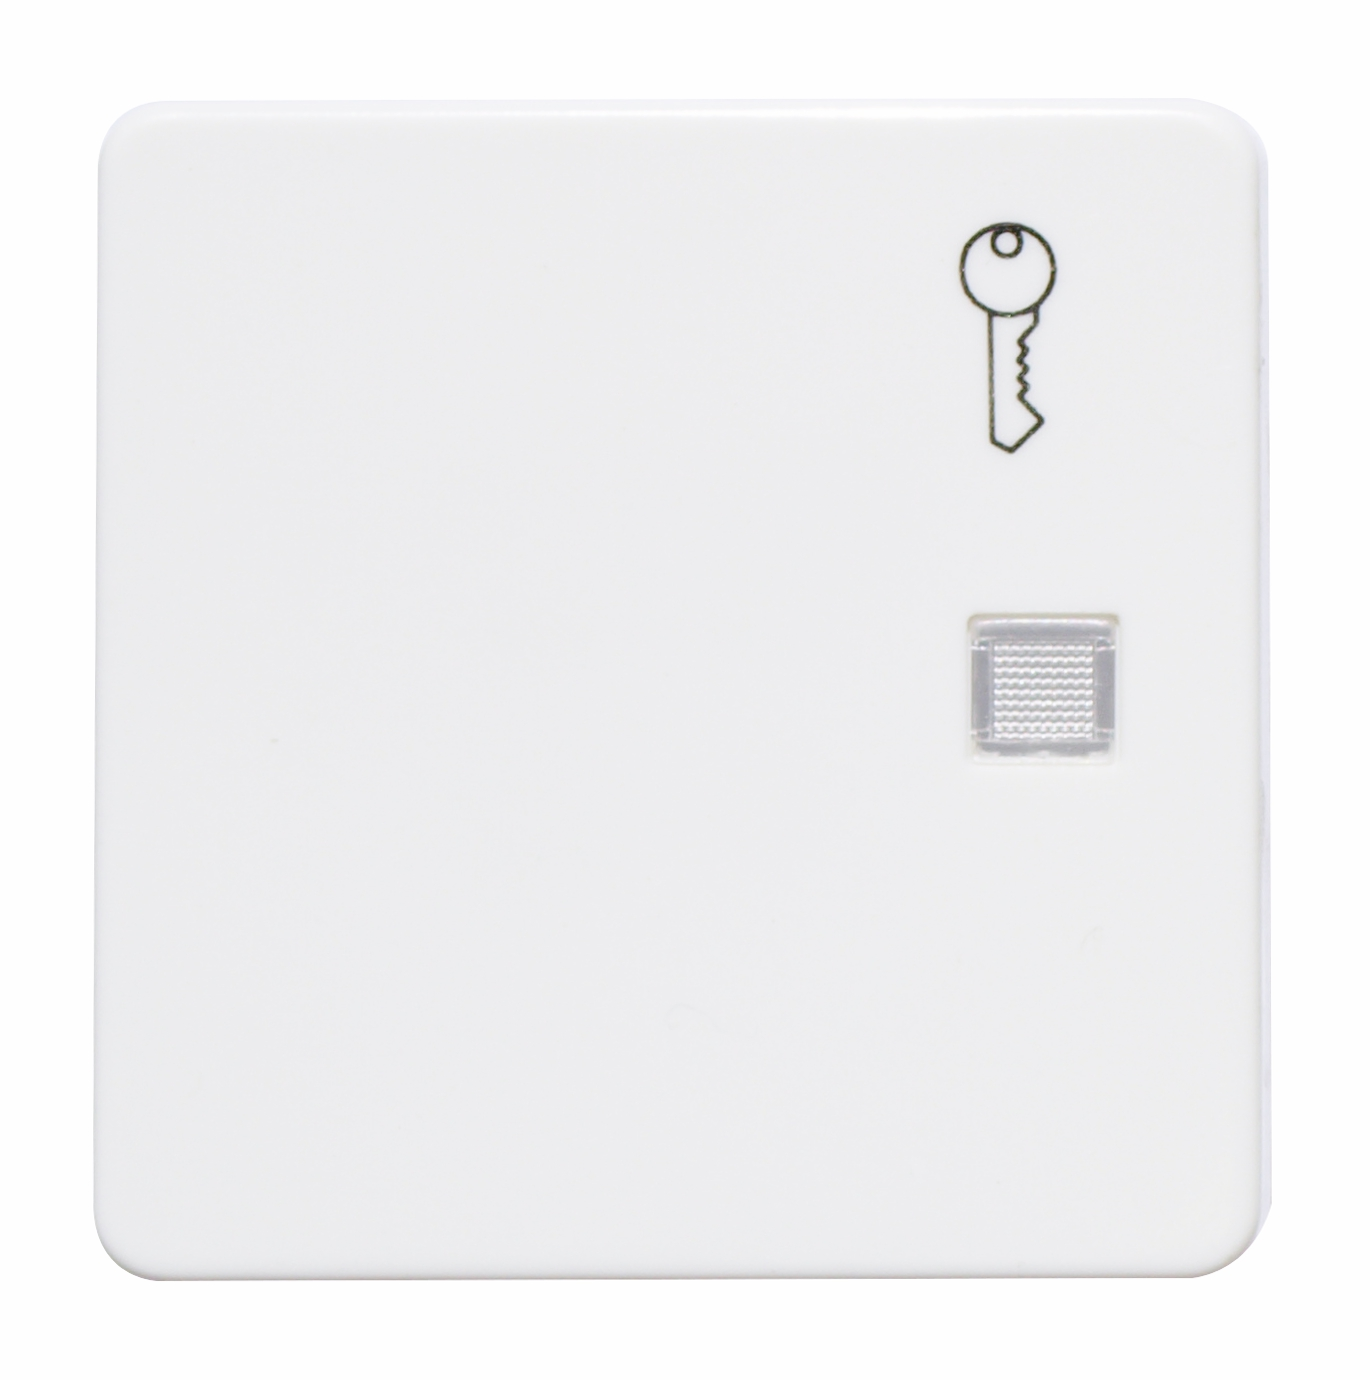 1 Stk Wippe beleuchtet mit Symbol Schlüssel reinweiß EL213164--